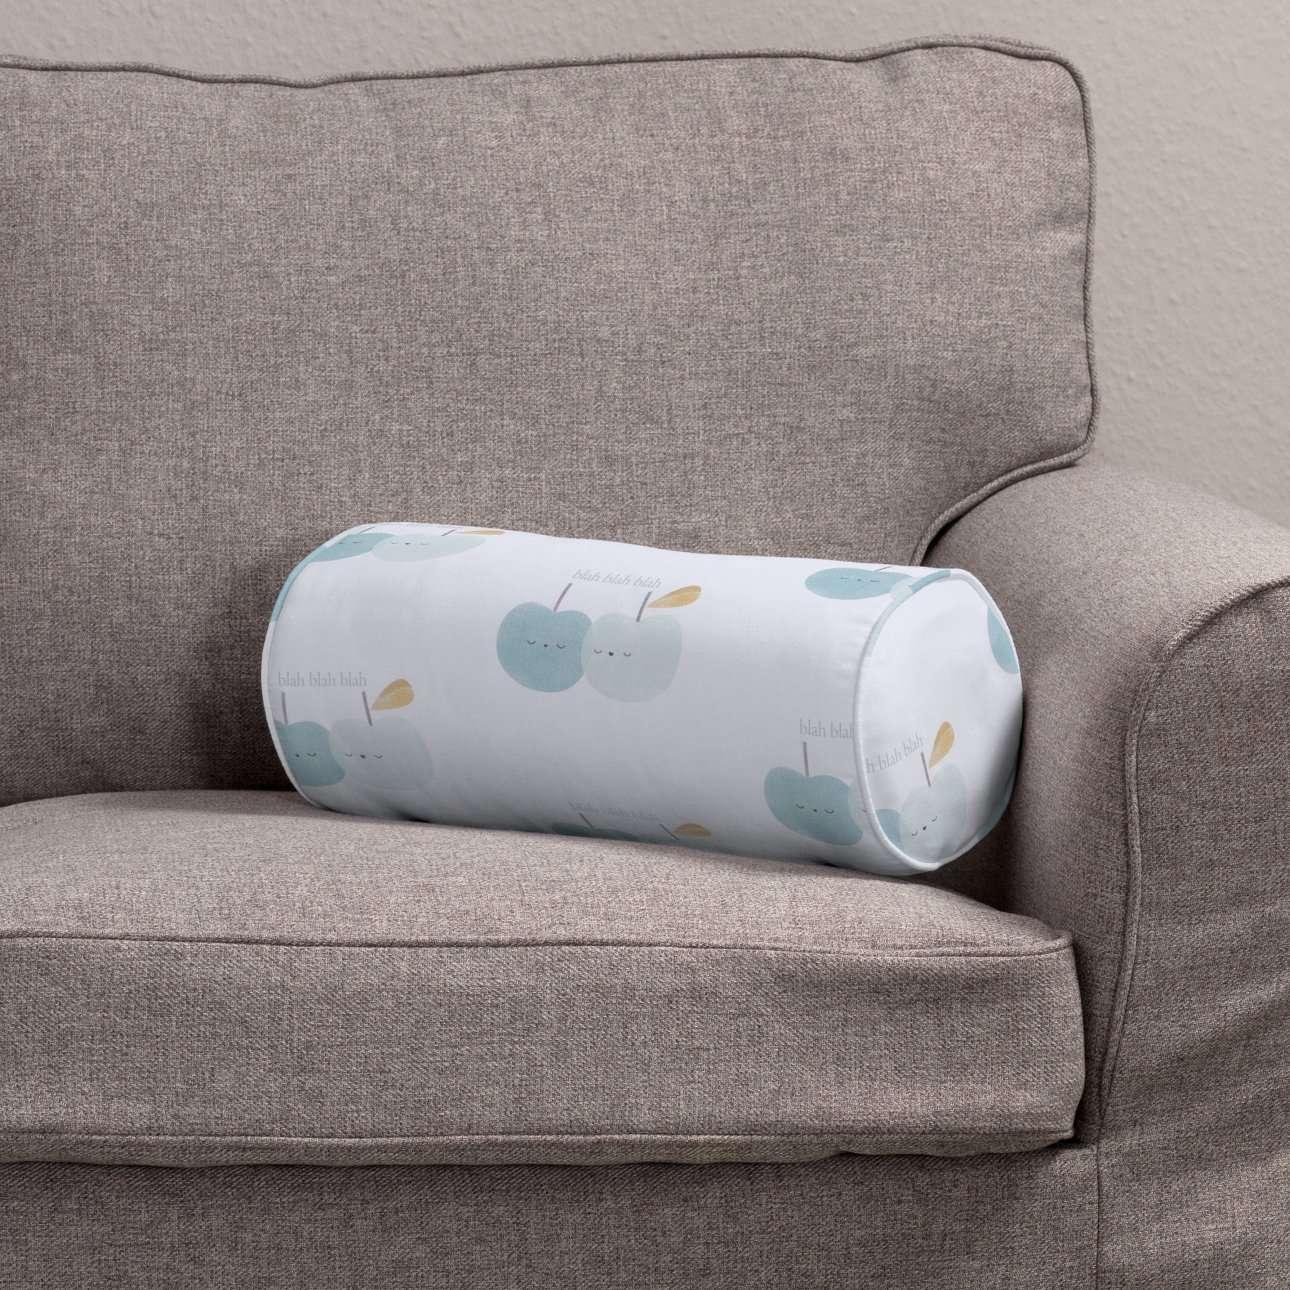 Ritinio formos  pagalvėlė Ø 16 x 40 cm (6 x 16 inch) kolekcijoje Apanona, audinys: 151-02